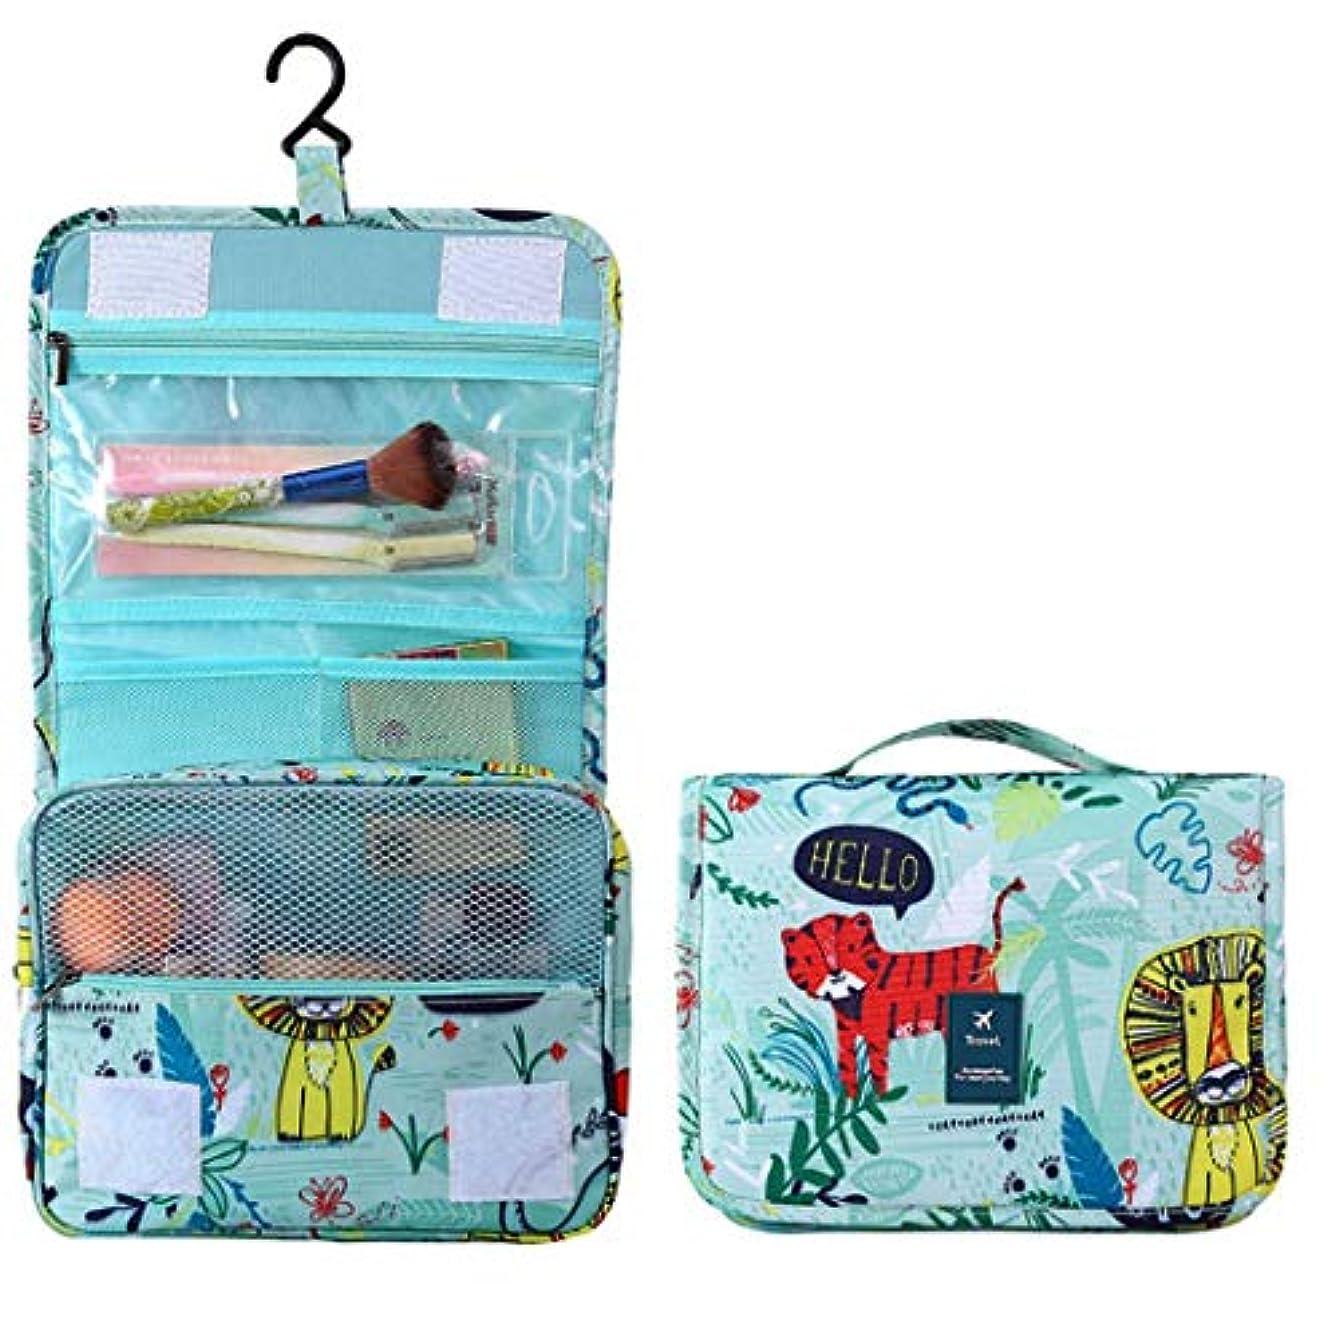 再生可能好意的スプリット化粧品袋、ウォッシュバッグ、トラベルバッグ、洗顔、収納、浴室収納バッグ、ぶら下げ、小物、収納、パッキングバッグ、旅行、海外、旅行用品、育児用品